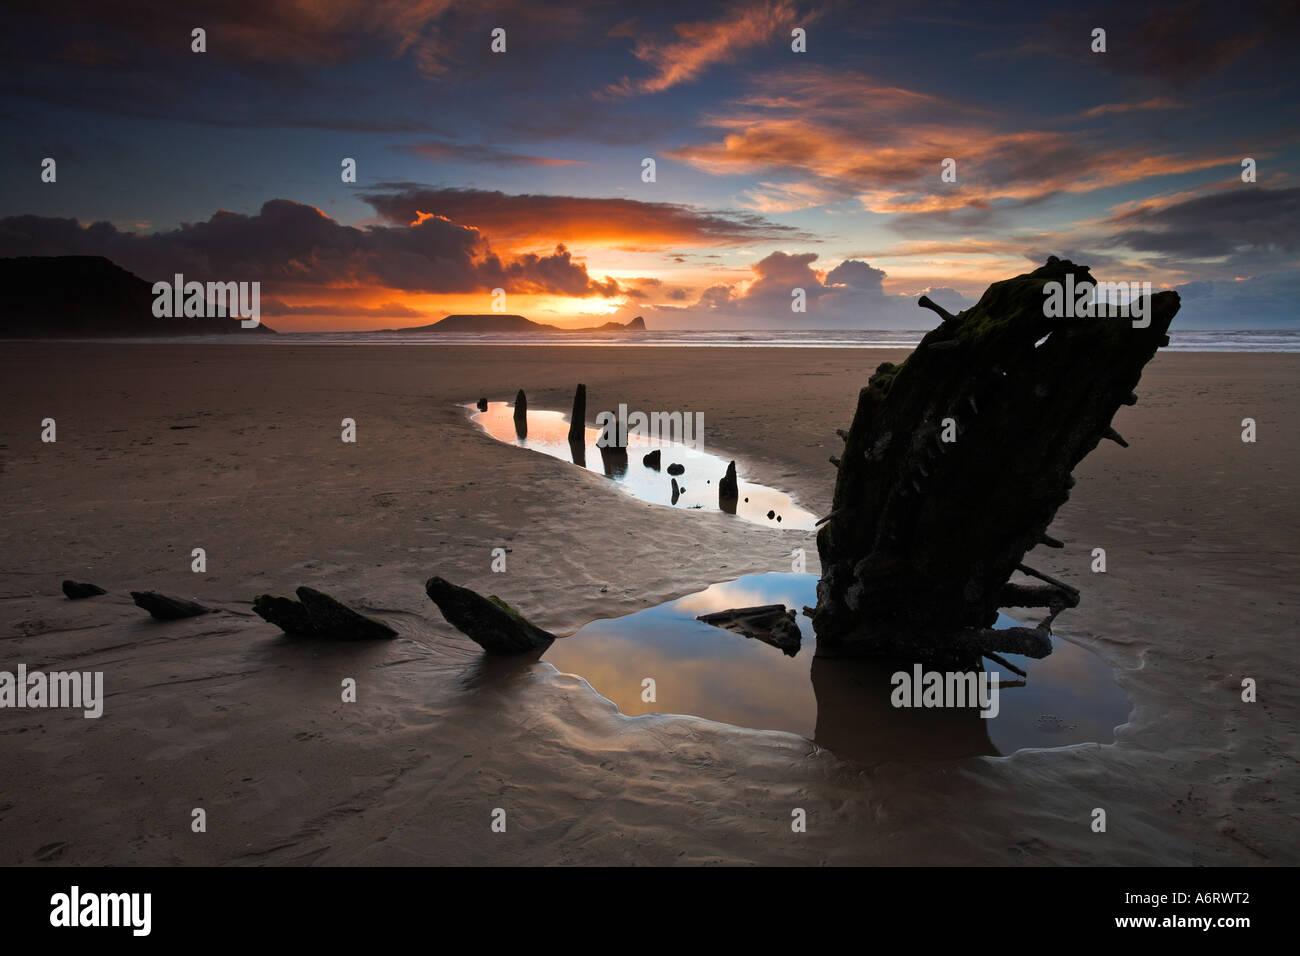 Sonnenuntergang in Rhossili Bay auf der Gower, Blick in Richtung Wurmkopf Stockbild